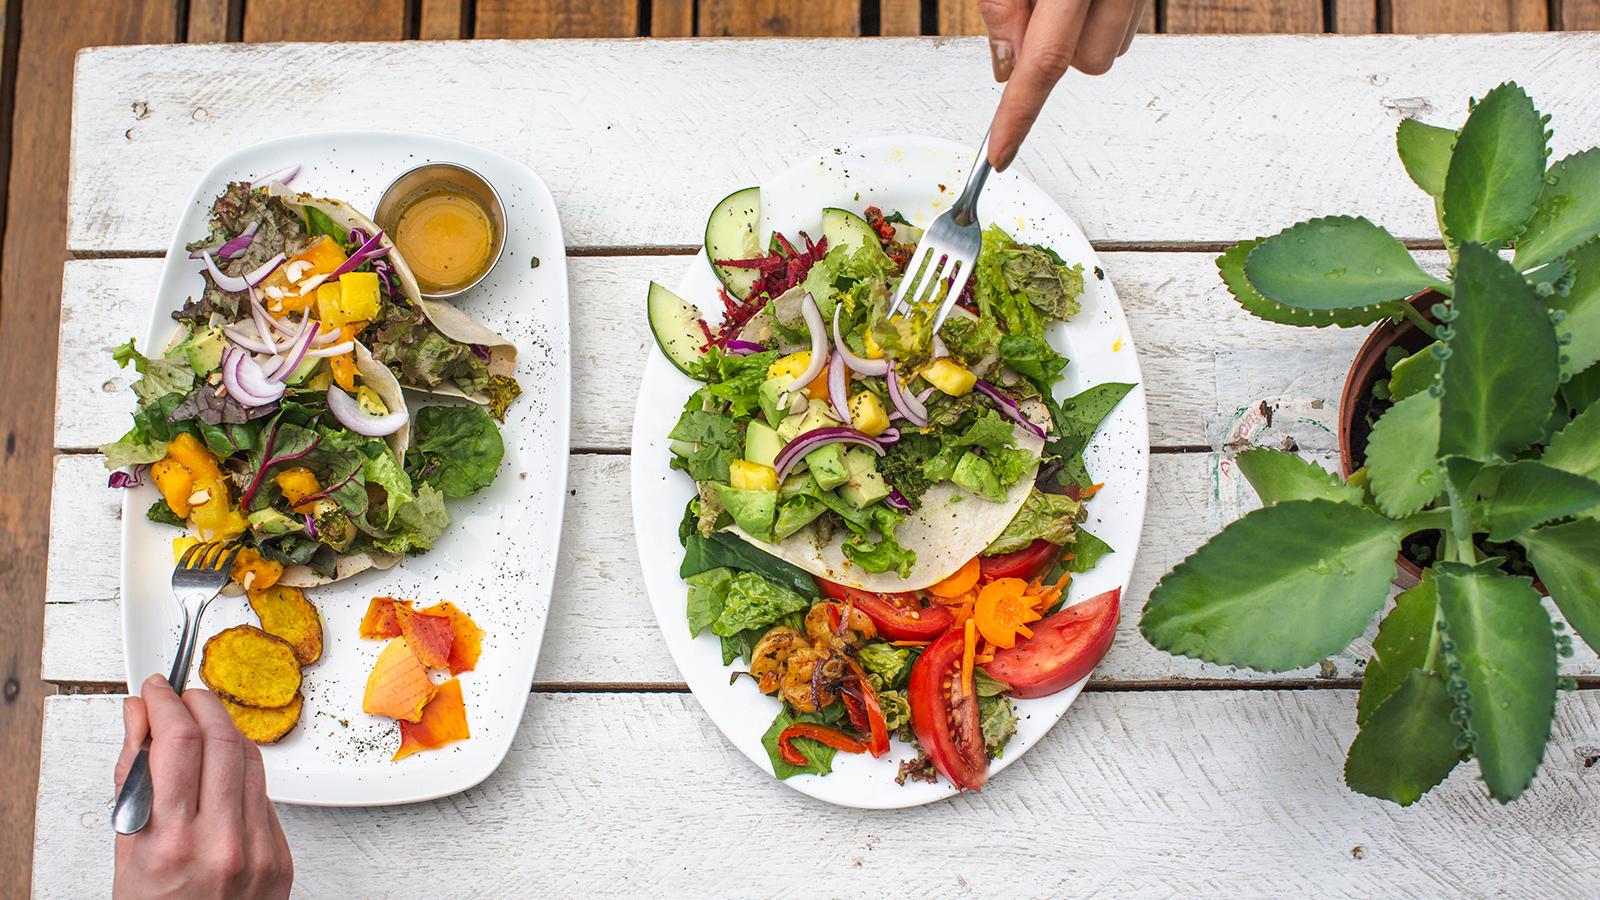 381848eb5bebd__Costa_Rica_La_Fortuna_Healthy_Food_Lunch_Salads_Overhead_Shot_-_2018_0W3A7124_Lg_RGB.jpg